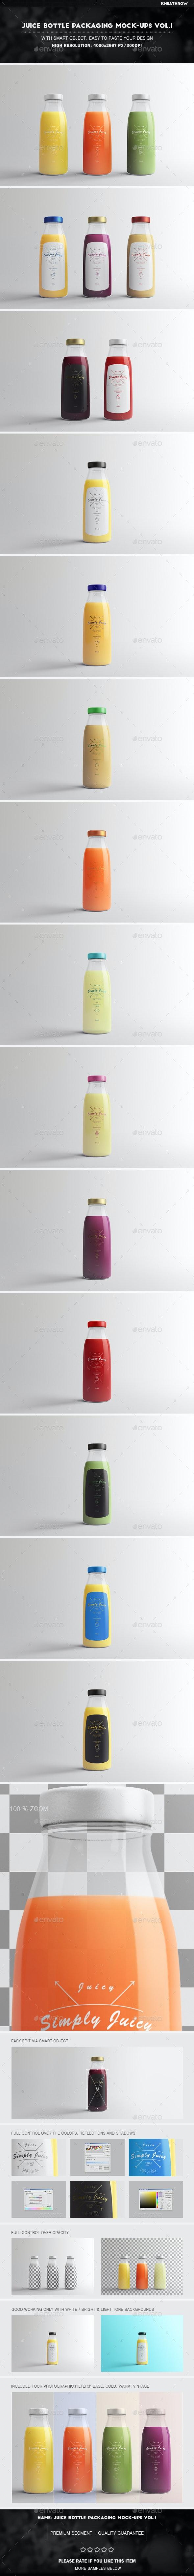 Juice Bottle Packaging Mock-Ups Vol.1 - Food and Drink Packaging